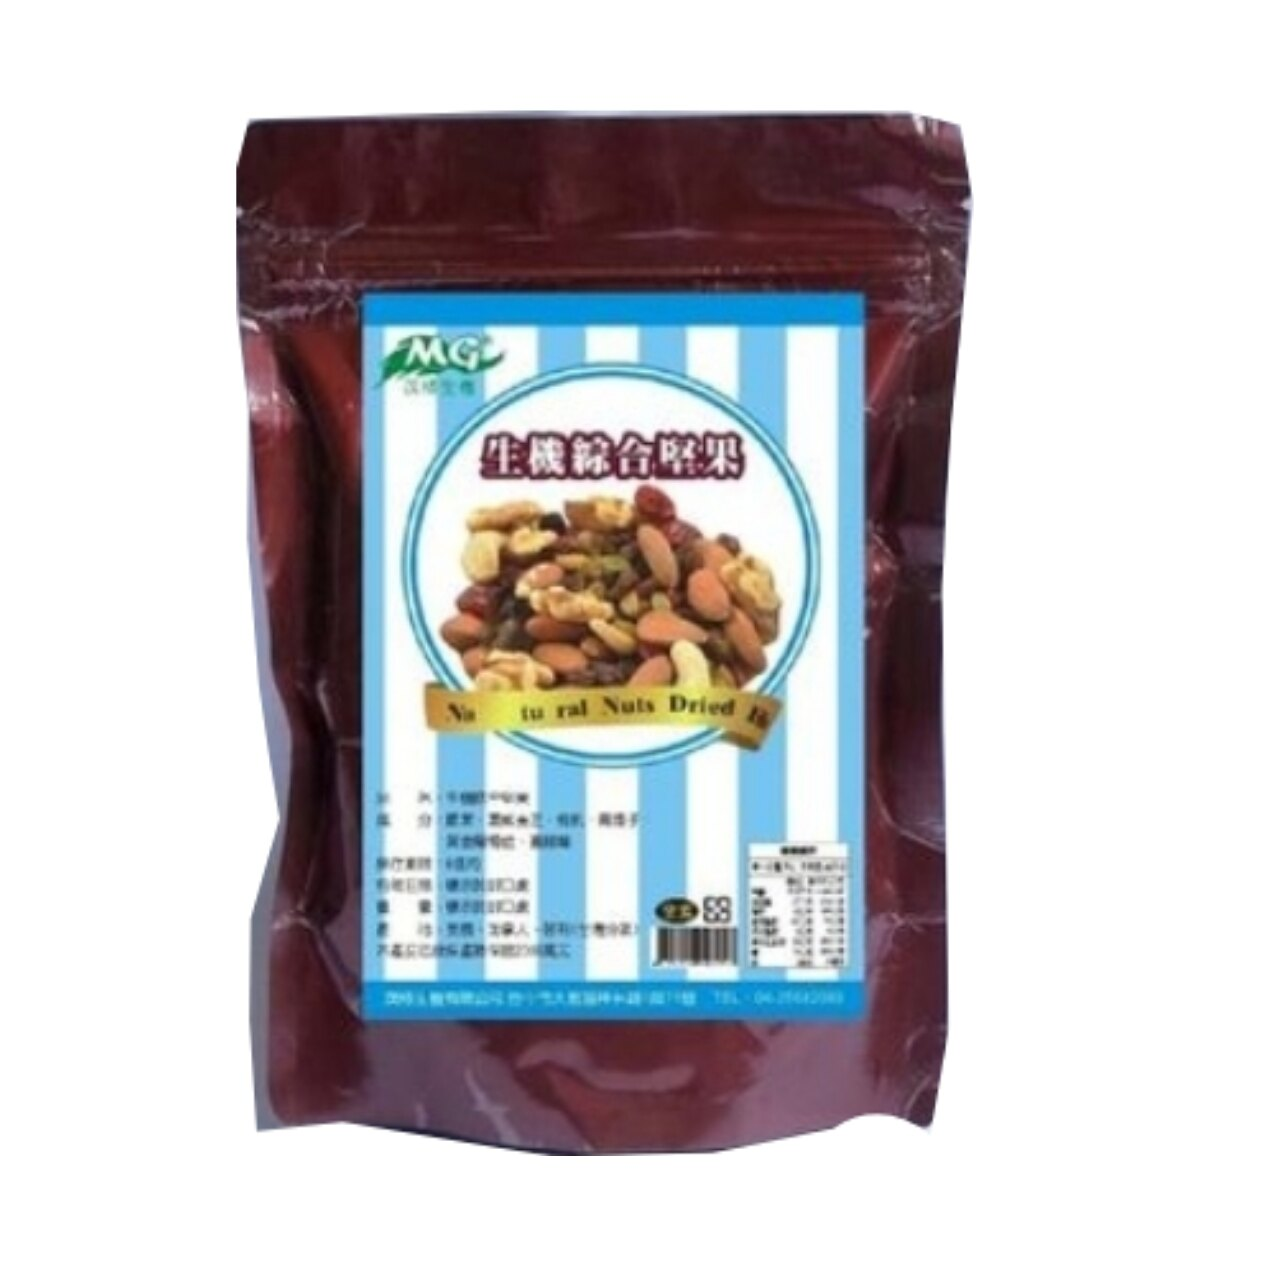 生機綜合堅果+果乾-低溫烘焙/180g